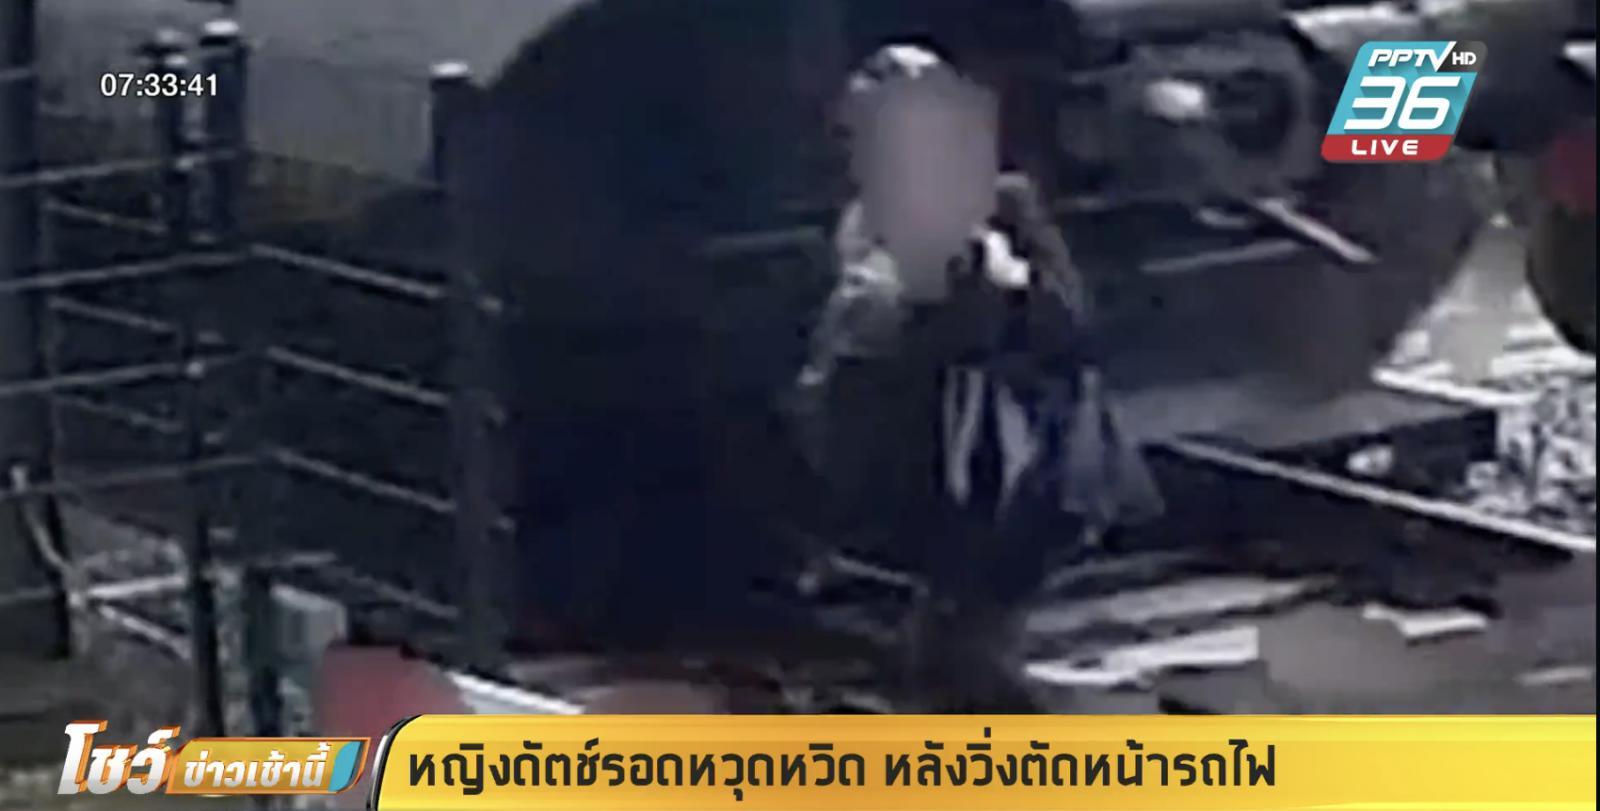 หญิงดัตช์รอดหวุดหวิด หลังวิ่งตัดหน้ารถไฟ